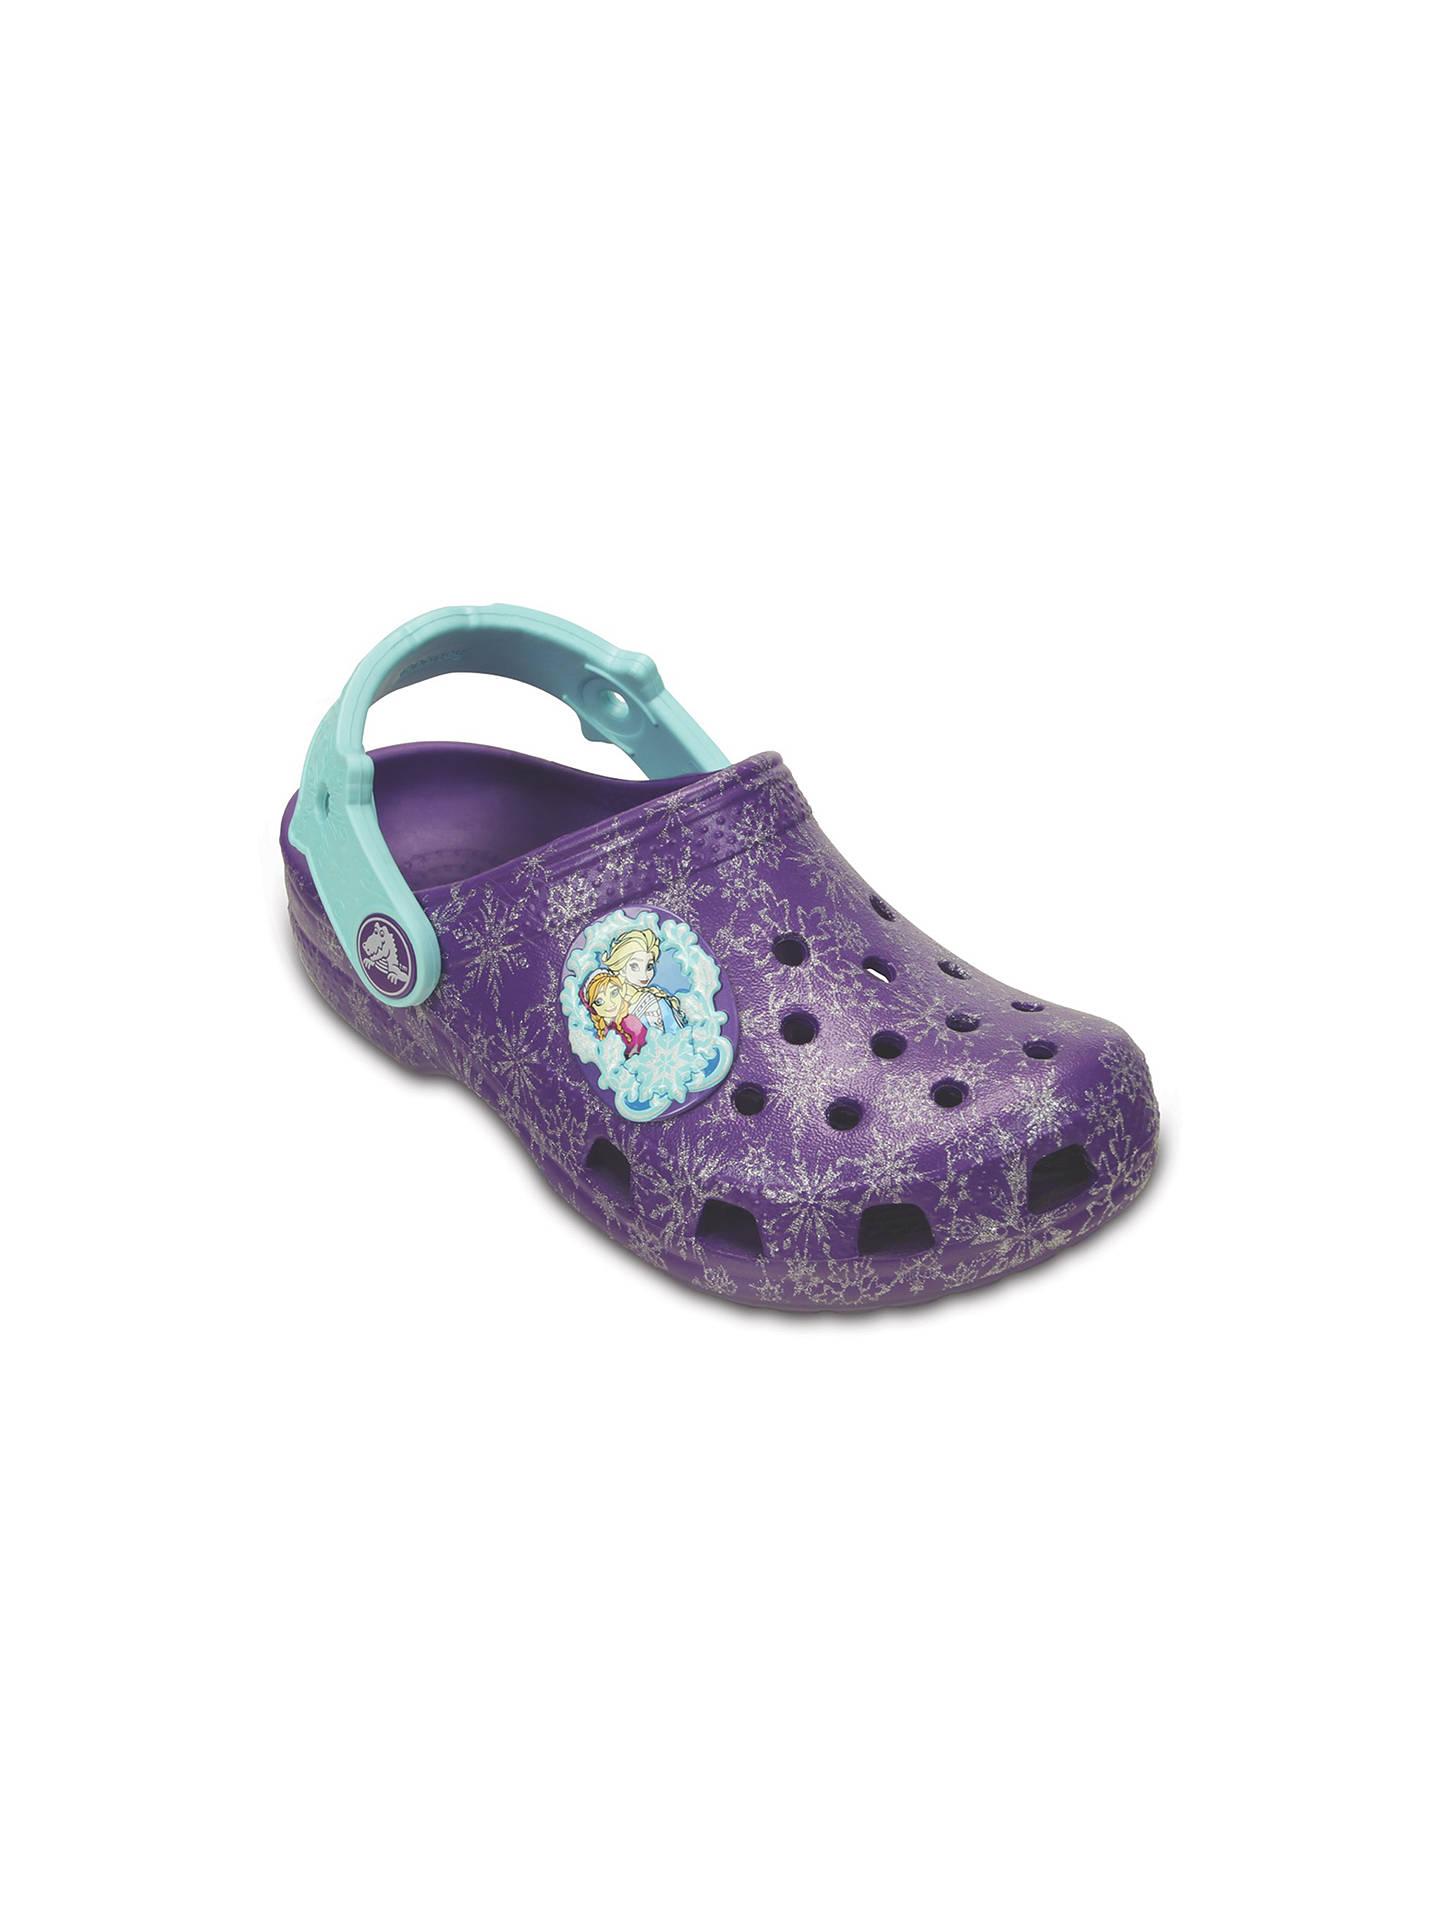 NEW Toddler Girls purple Disney/'s Frozen Anna//Elsa Crocs Clogs